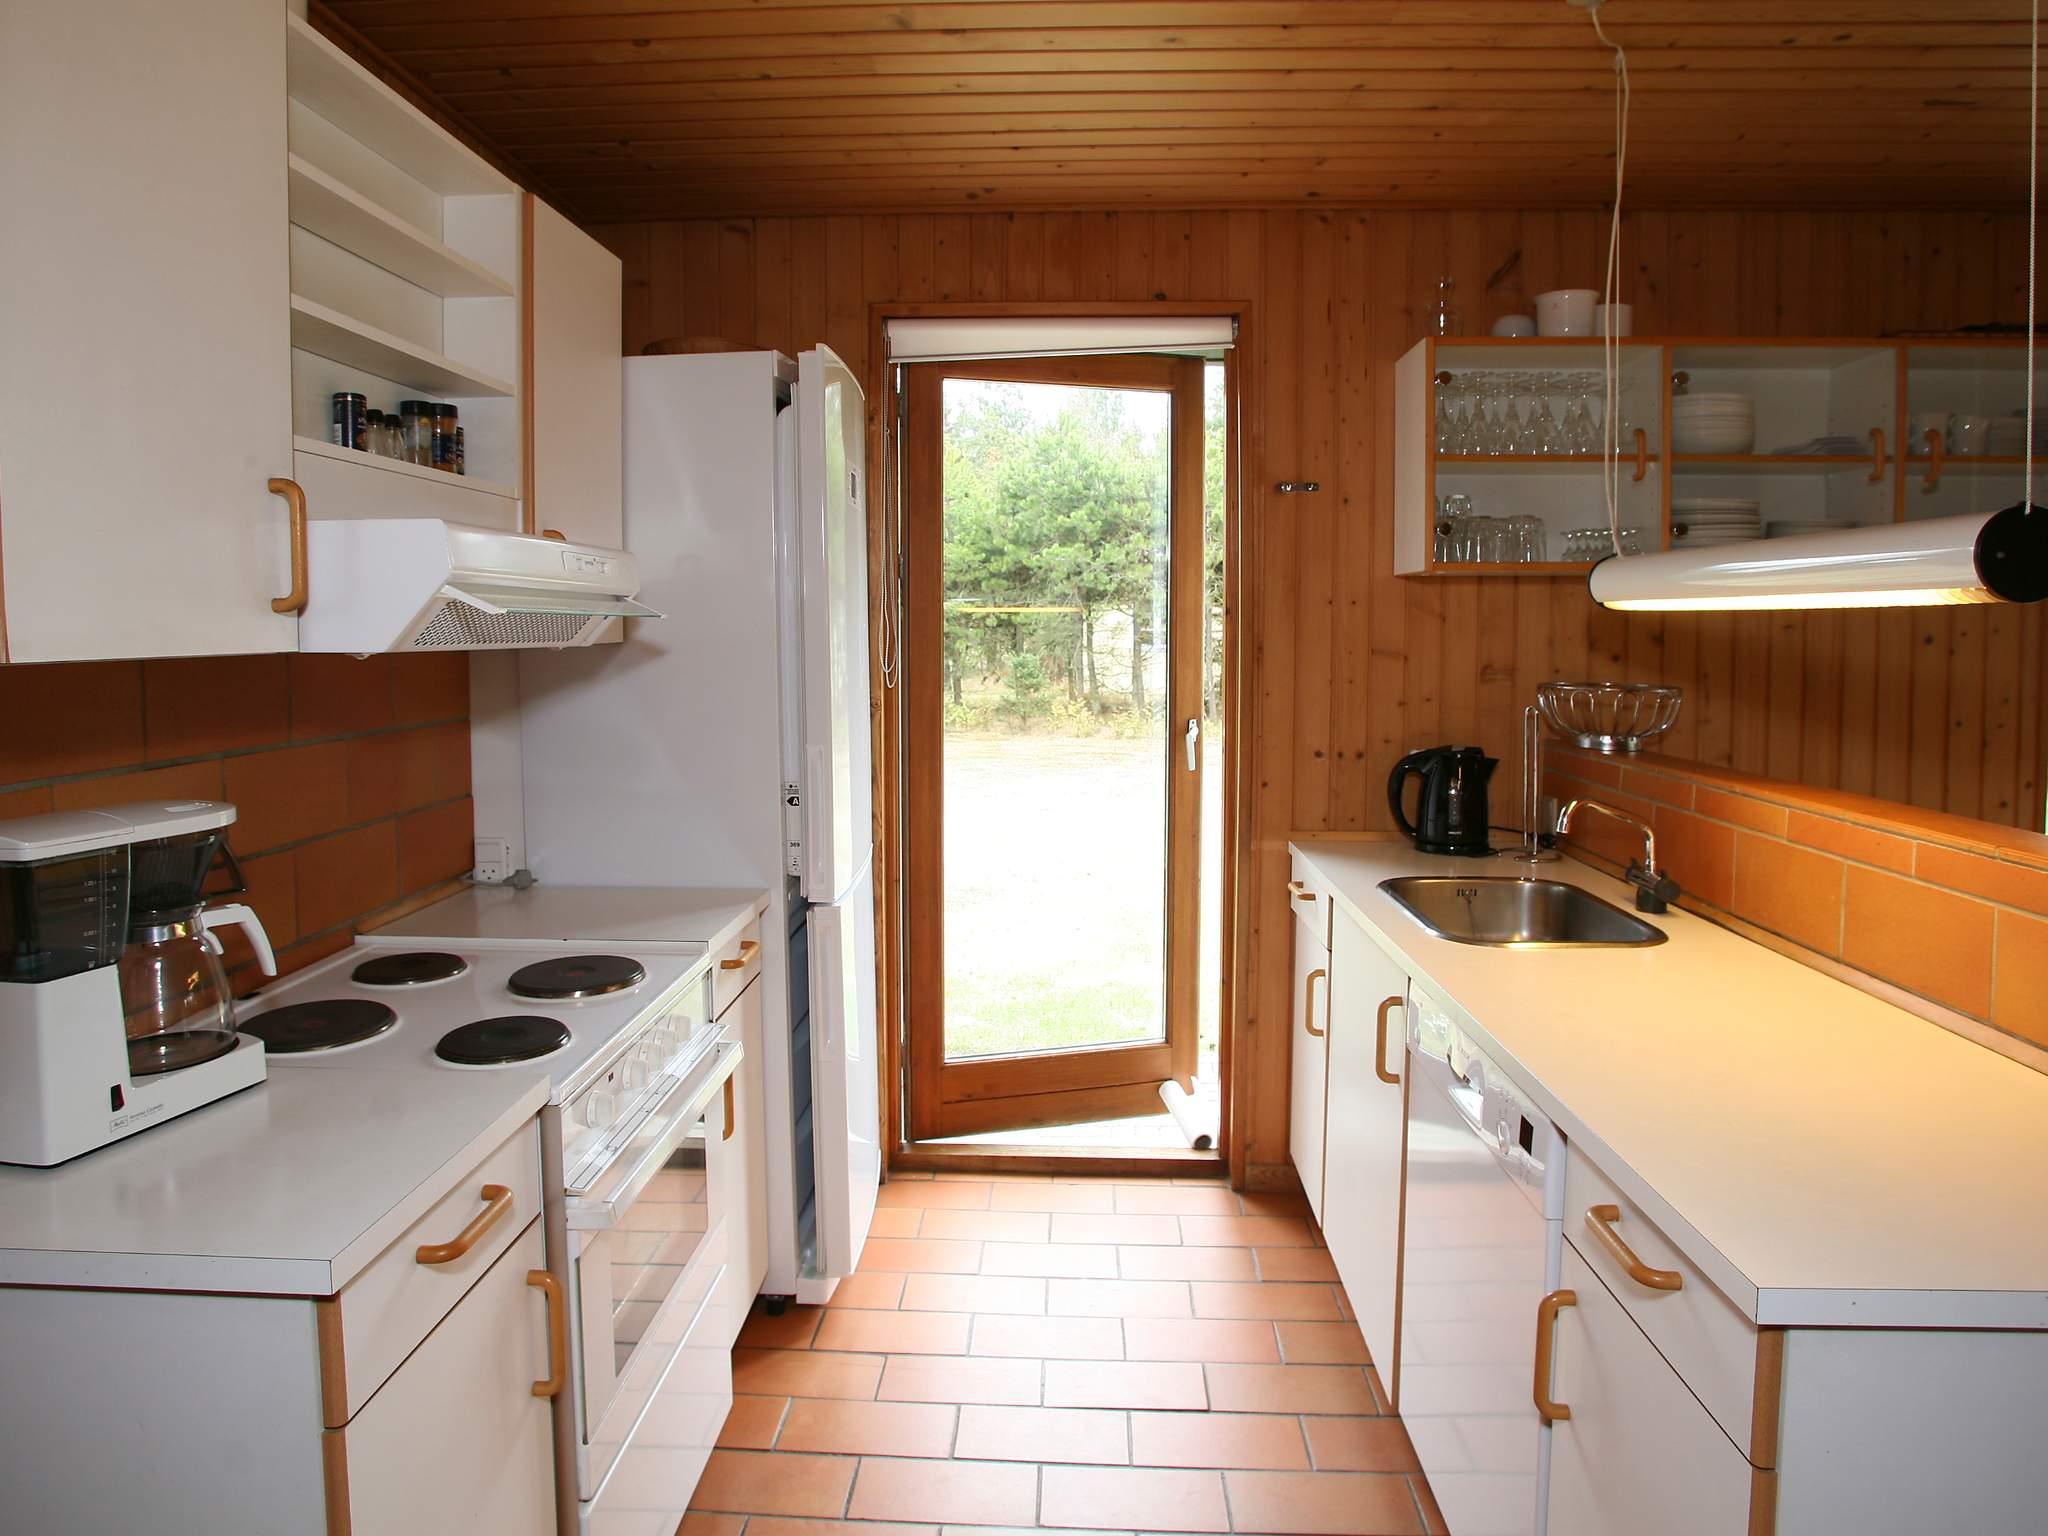 Ferienhaus Marielyst (87236), Marielyst, , Falster, Dänemark, Bild 6